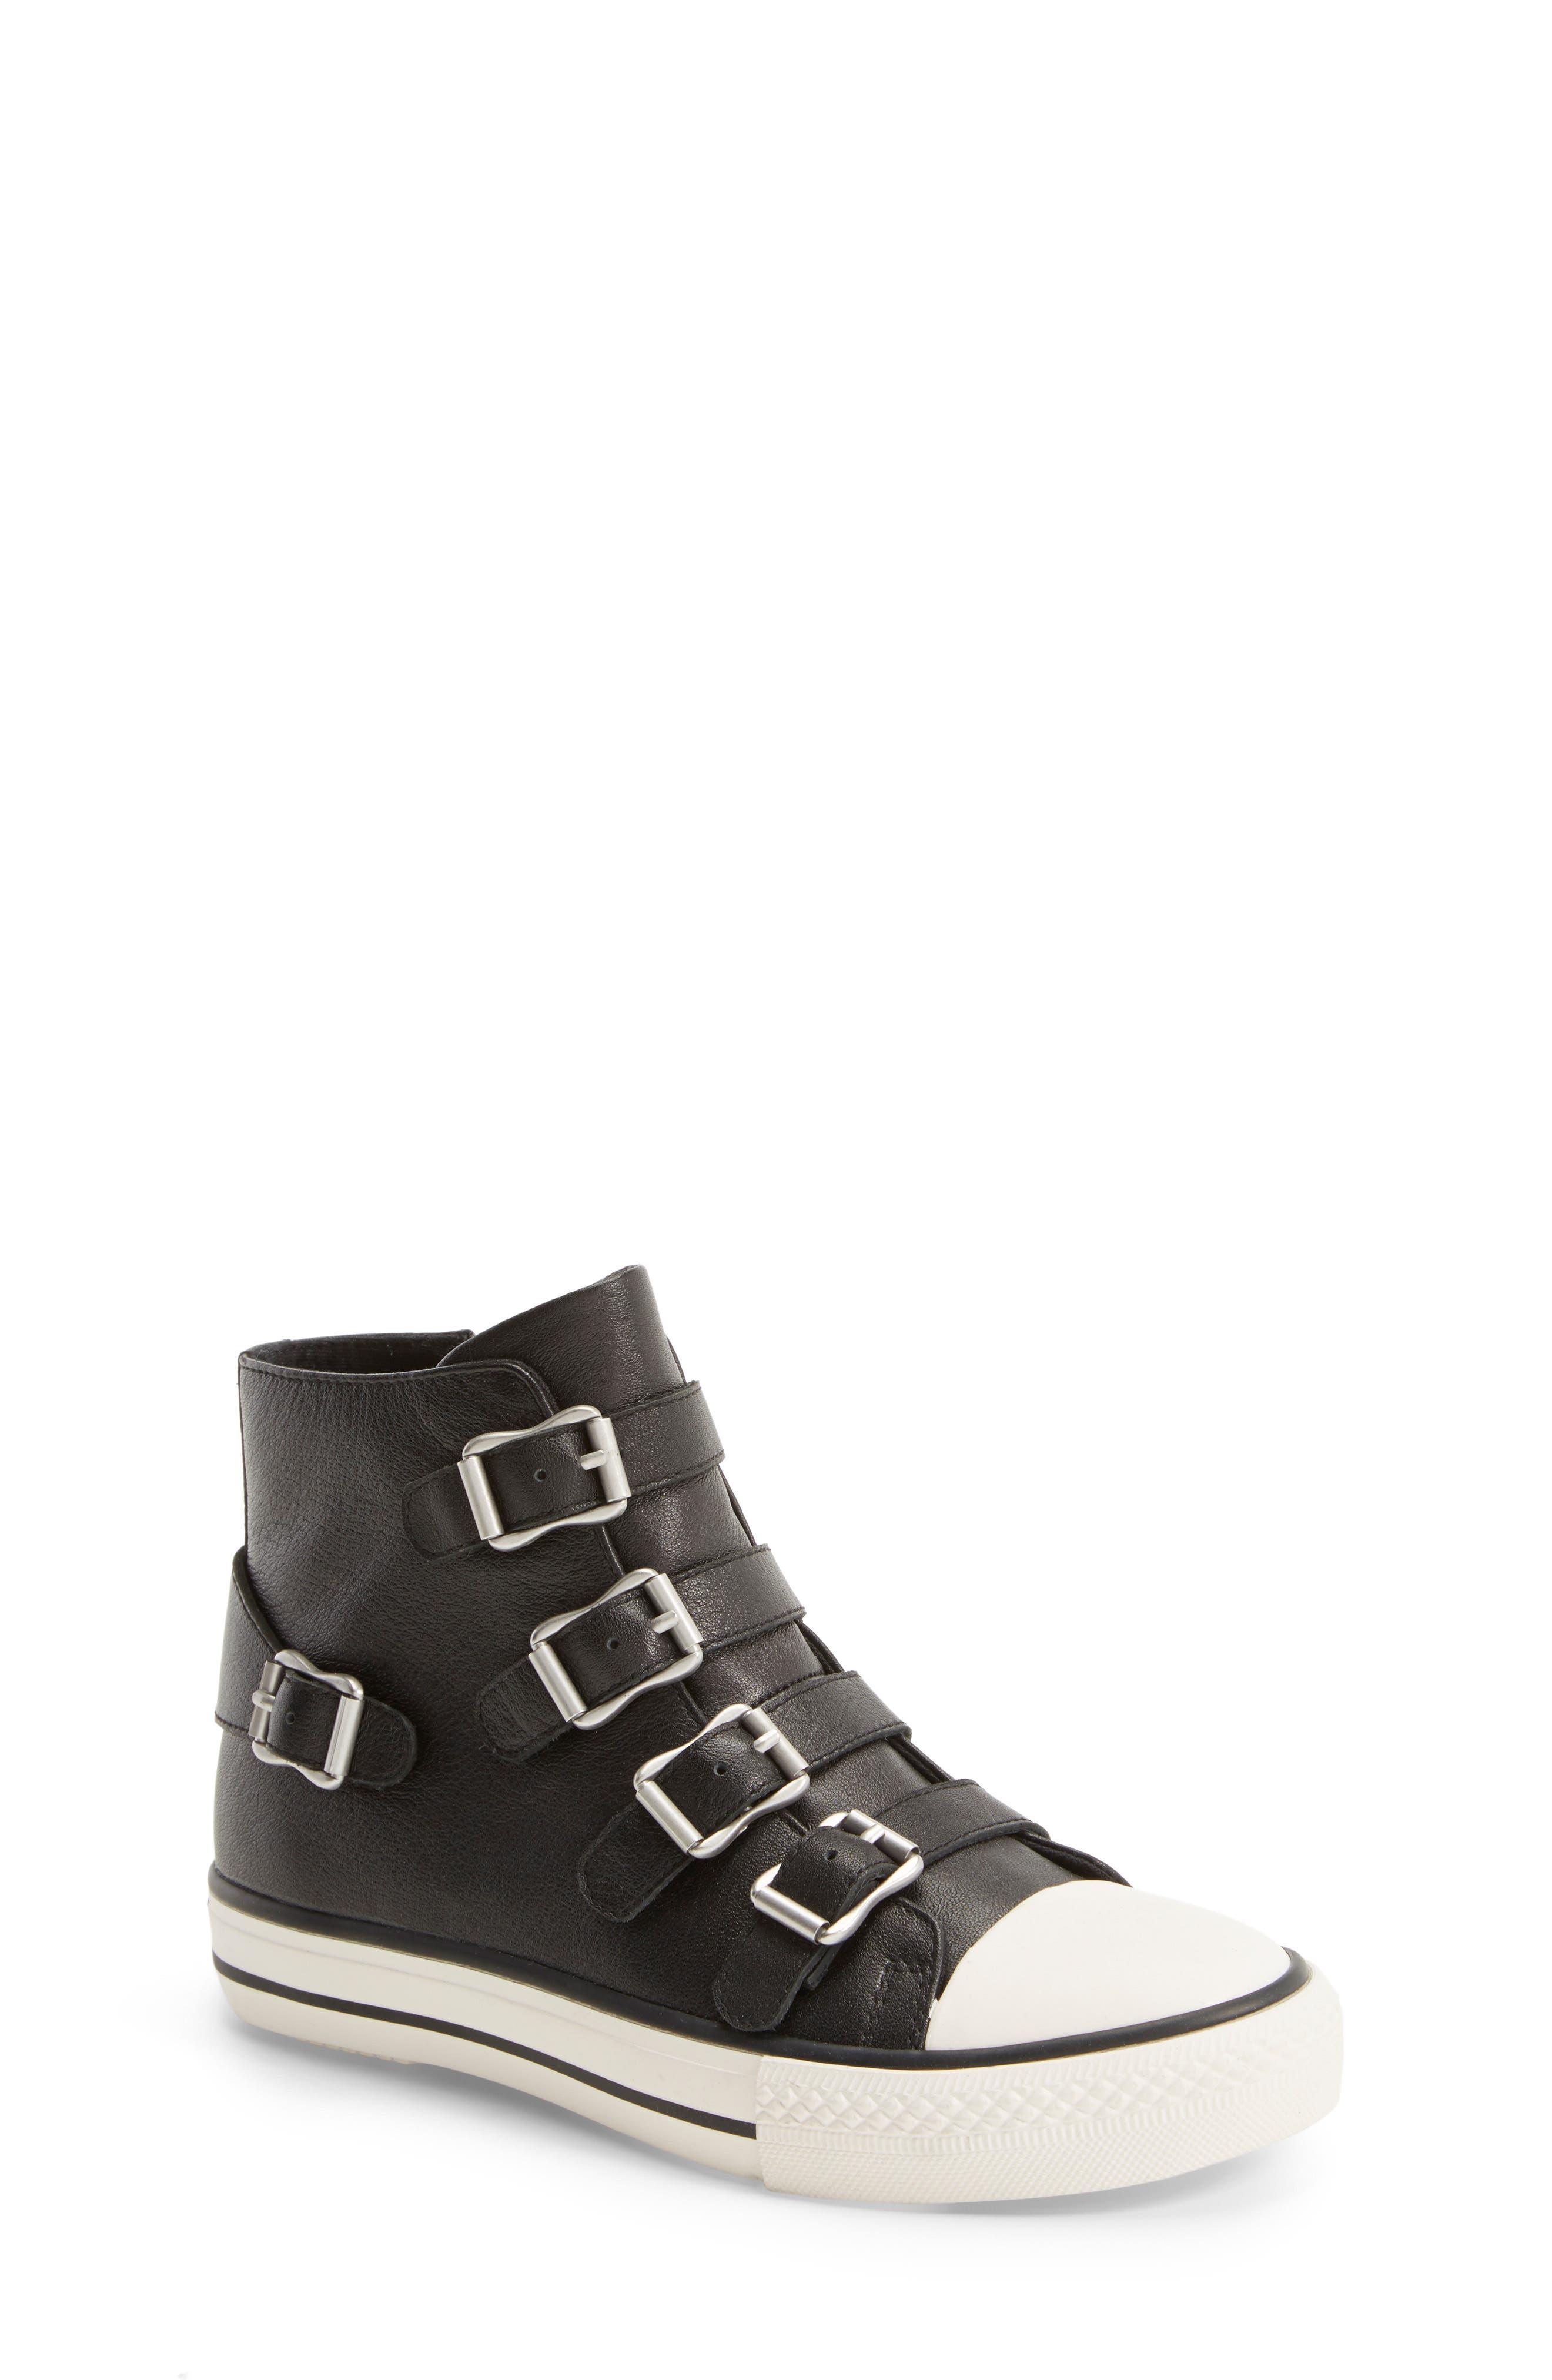 'Vava' Sneaker,                             Alternate thumbnail 4, color,                             001